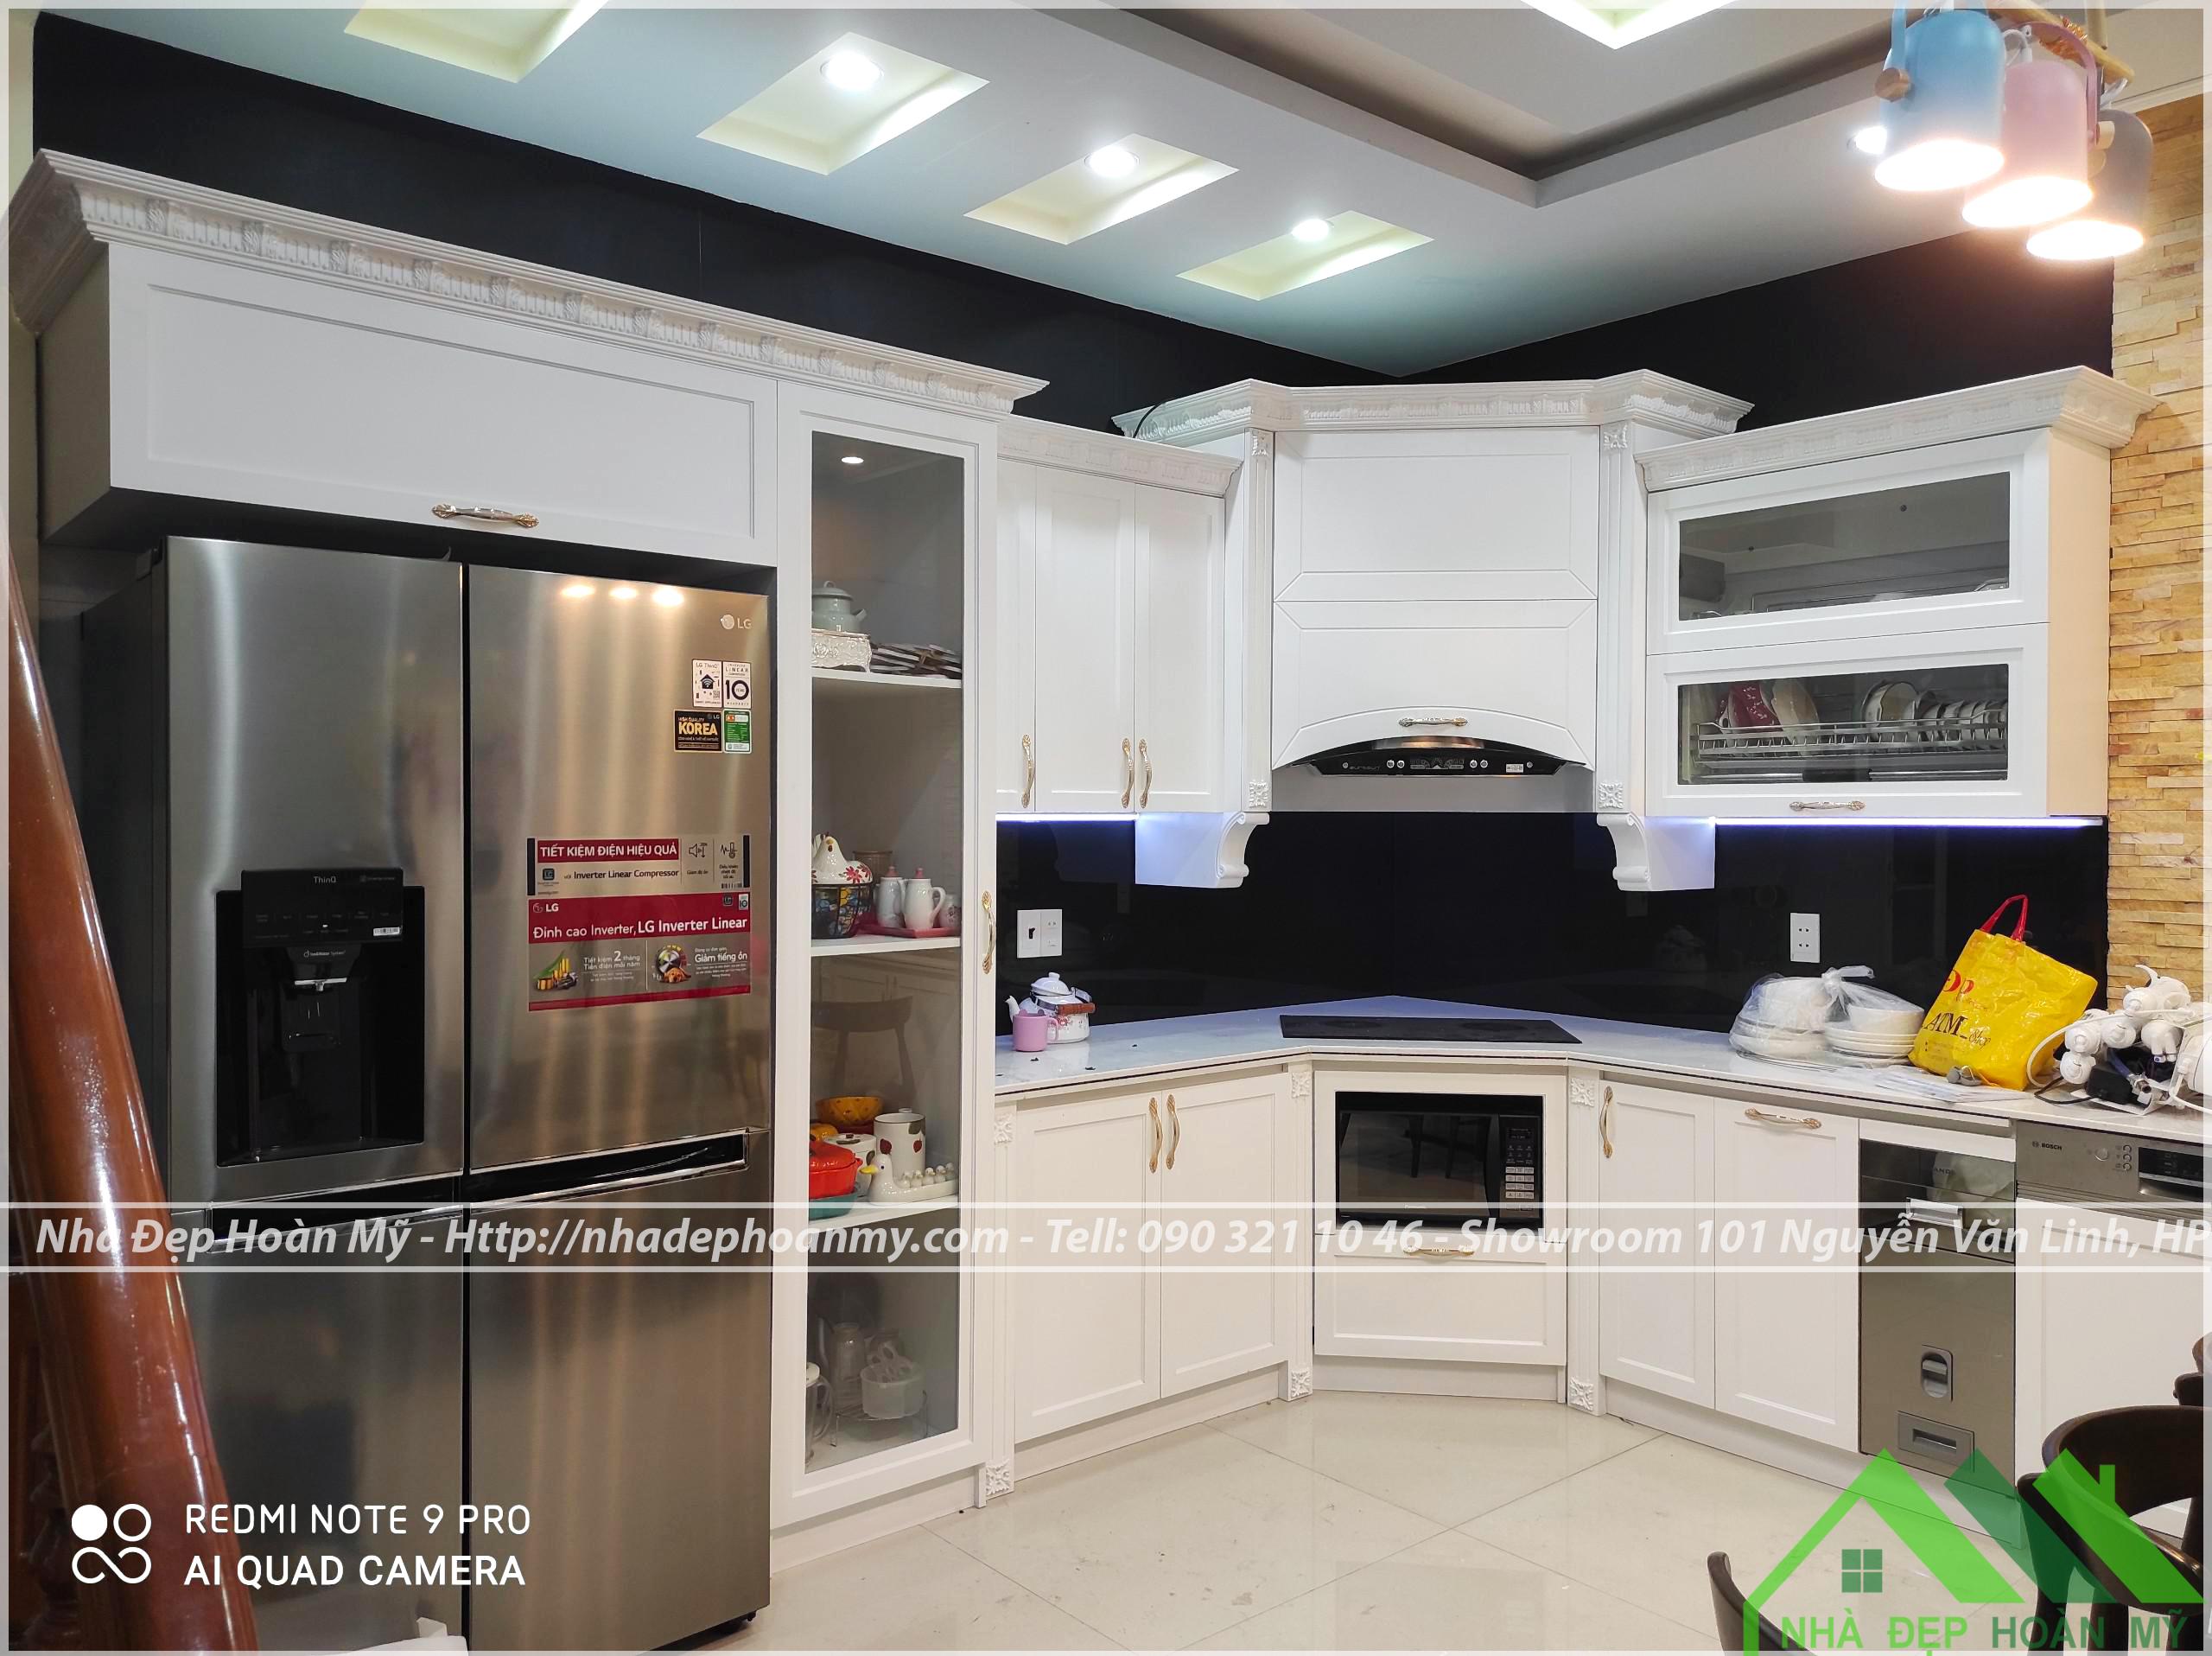 Tìm hiểu về vật liệu thi công nội thất và tủ bếp